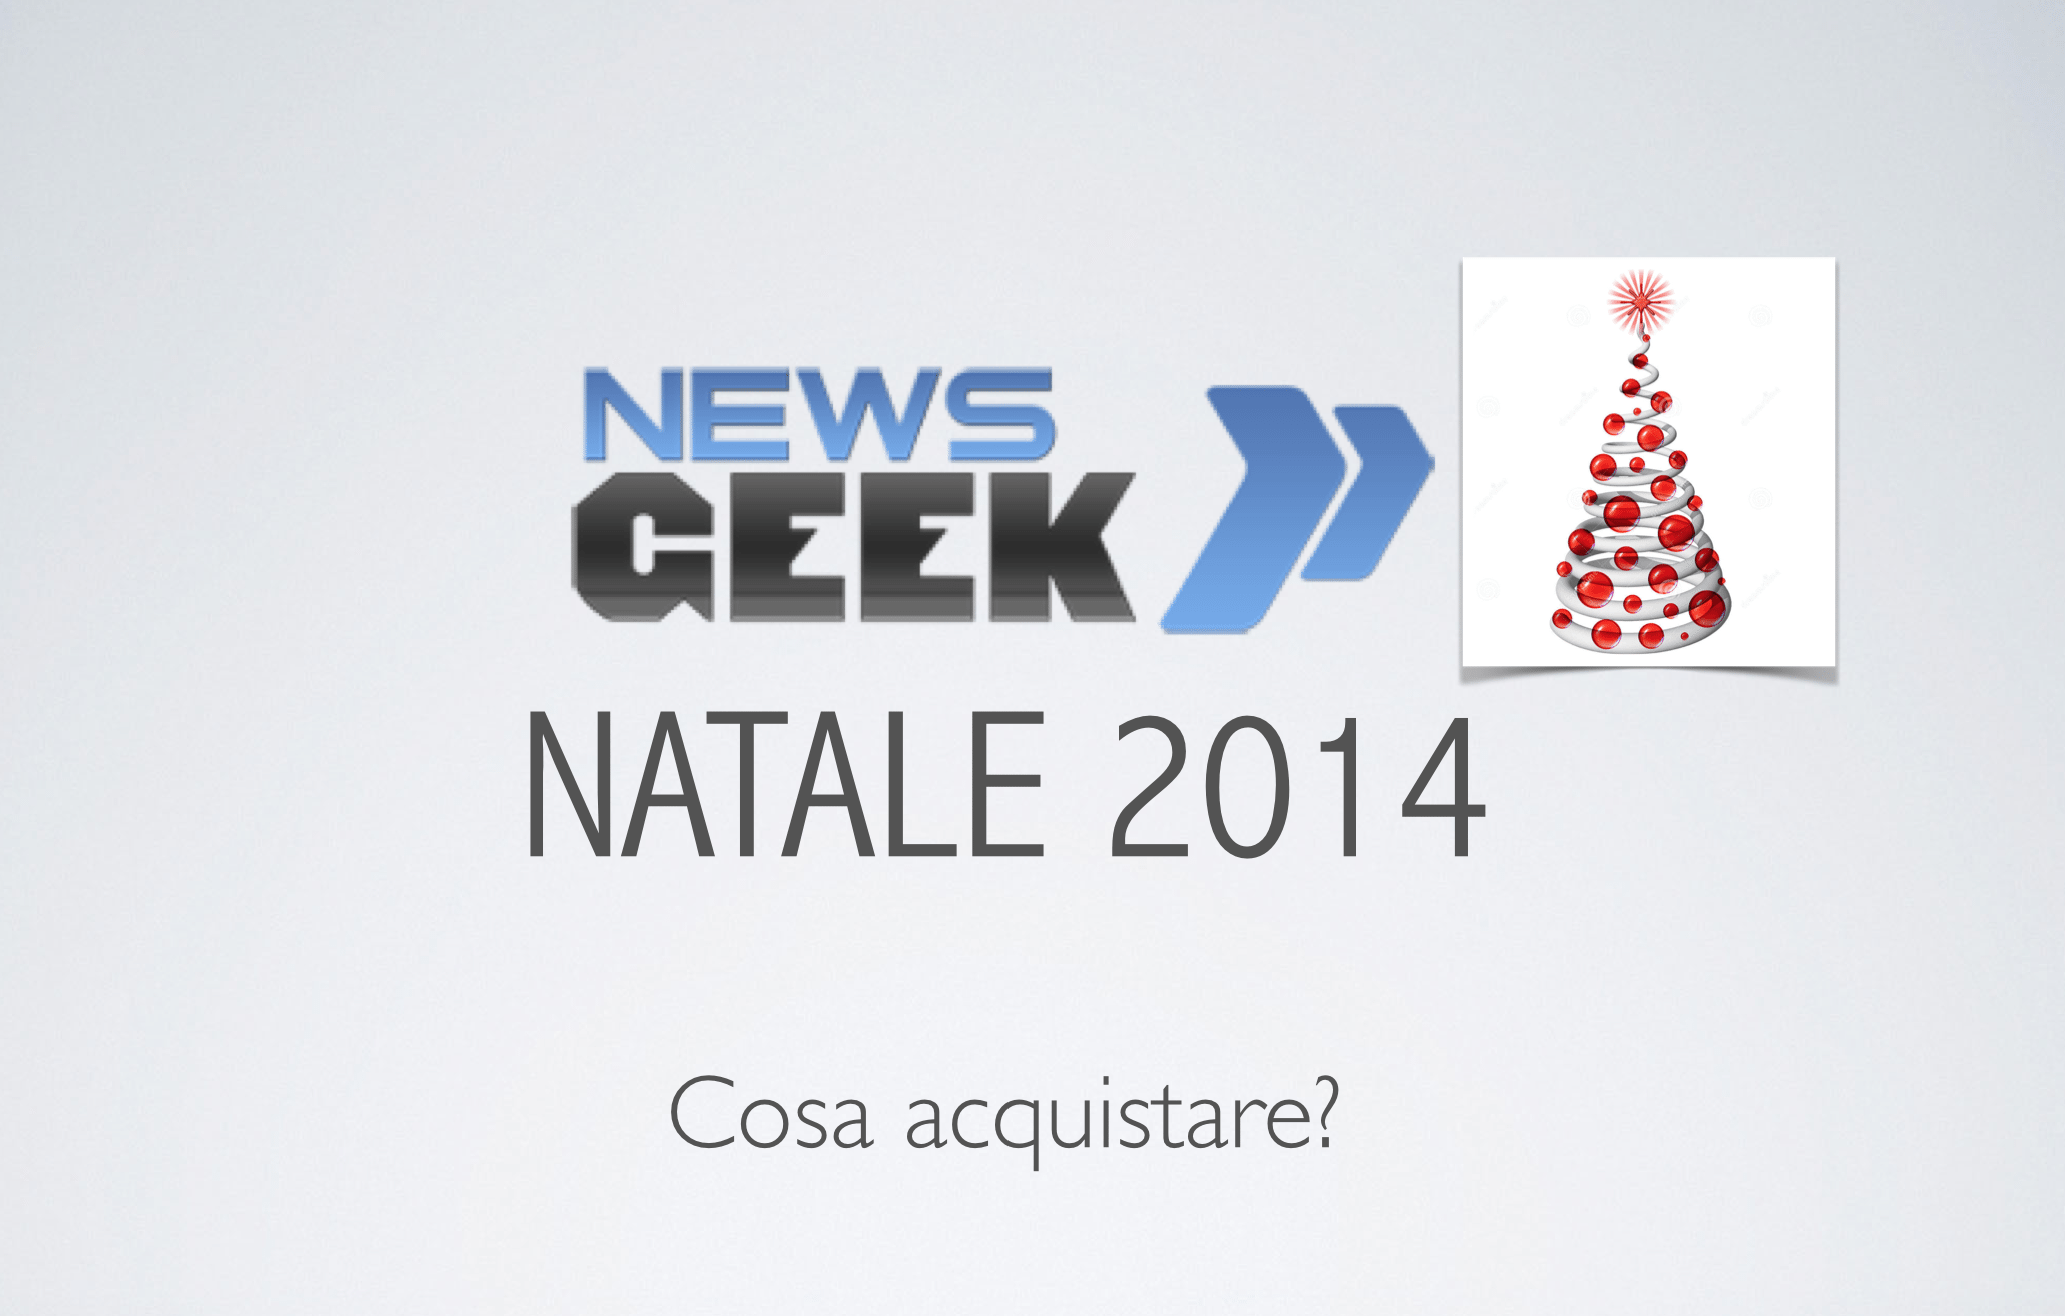 Natale 2014: quale prodotto high tech acquistare?